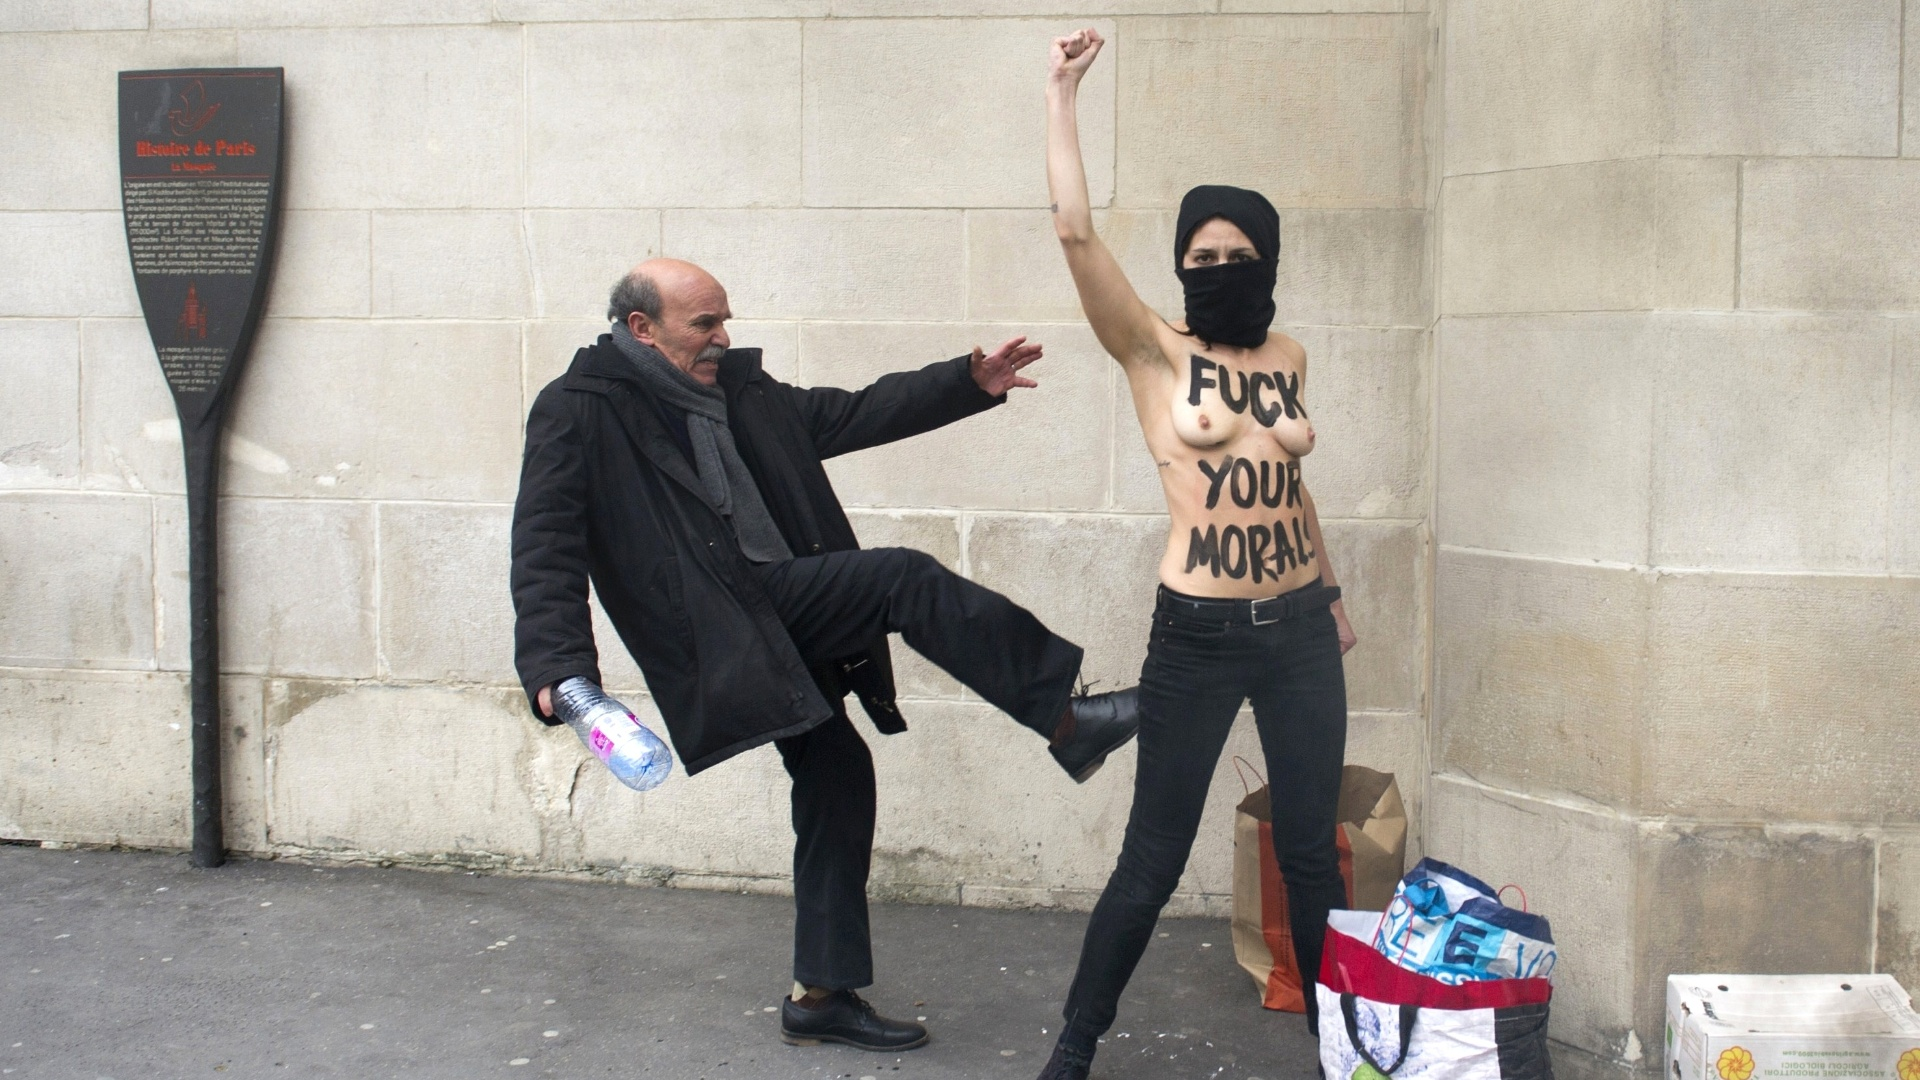 3.abr.2013 - Homem chuta uma ativista do Femen, grupo de origem ucraniana famoso por realizar protestos com o uso de topless, em protesto realizado em frente a mesquita em Paris nesta quarta-feira (3)